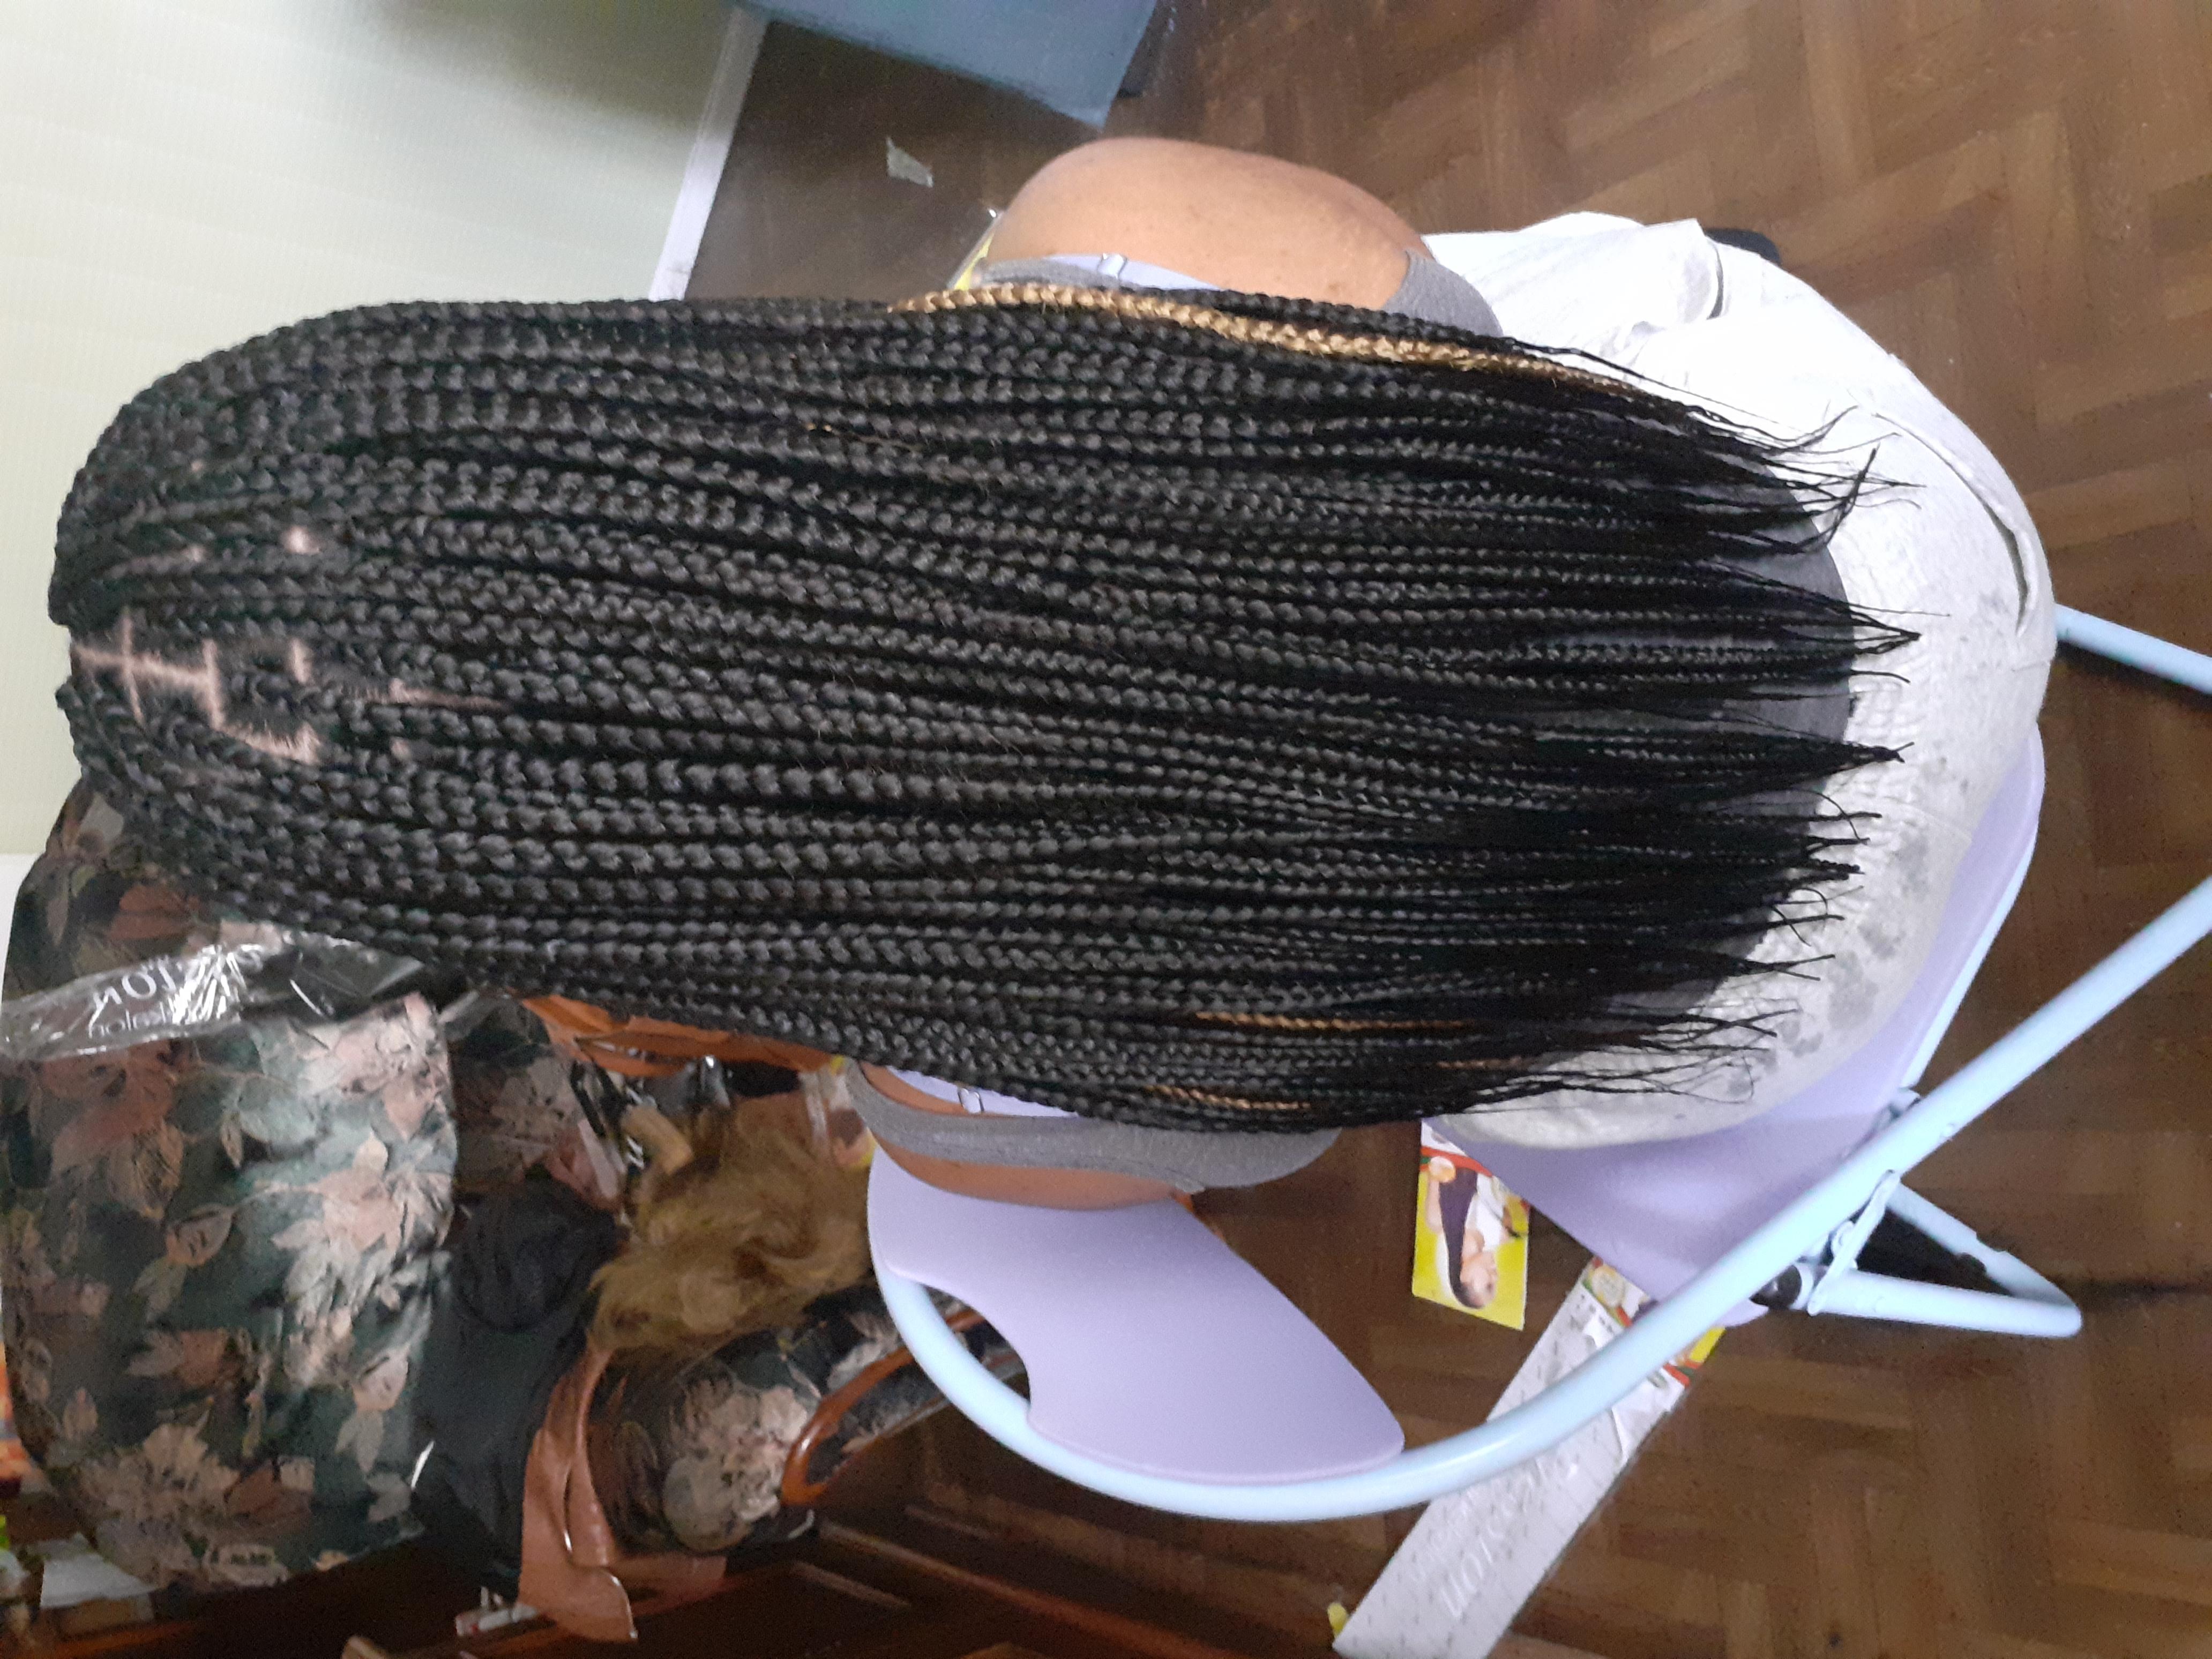 salon de coiffure afro tresse tresses box braids crochet braids vanilles tissages paris 75 77 78 91 92 93 94 95 DKESNEQN